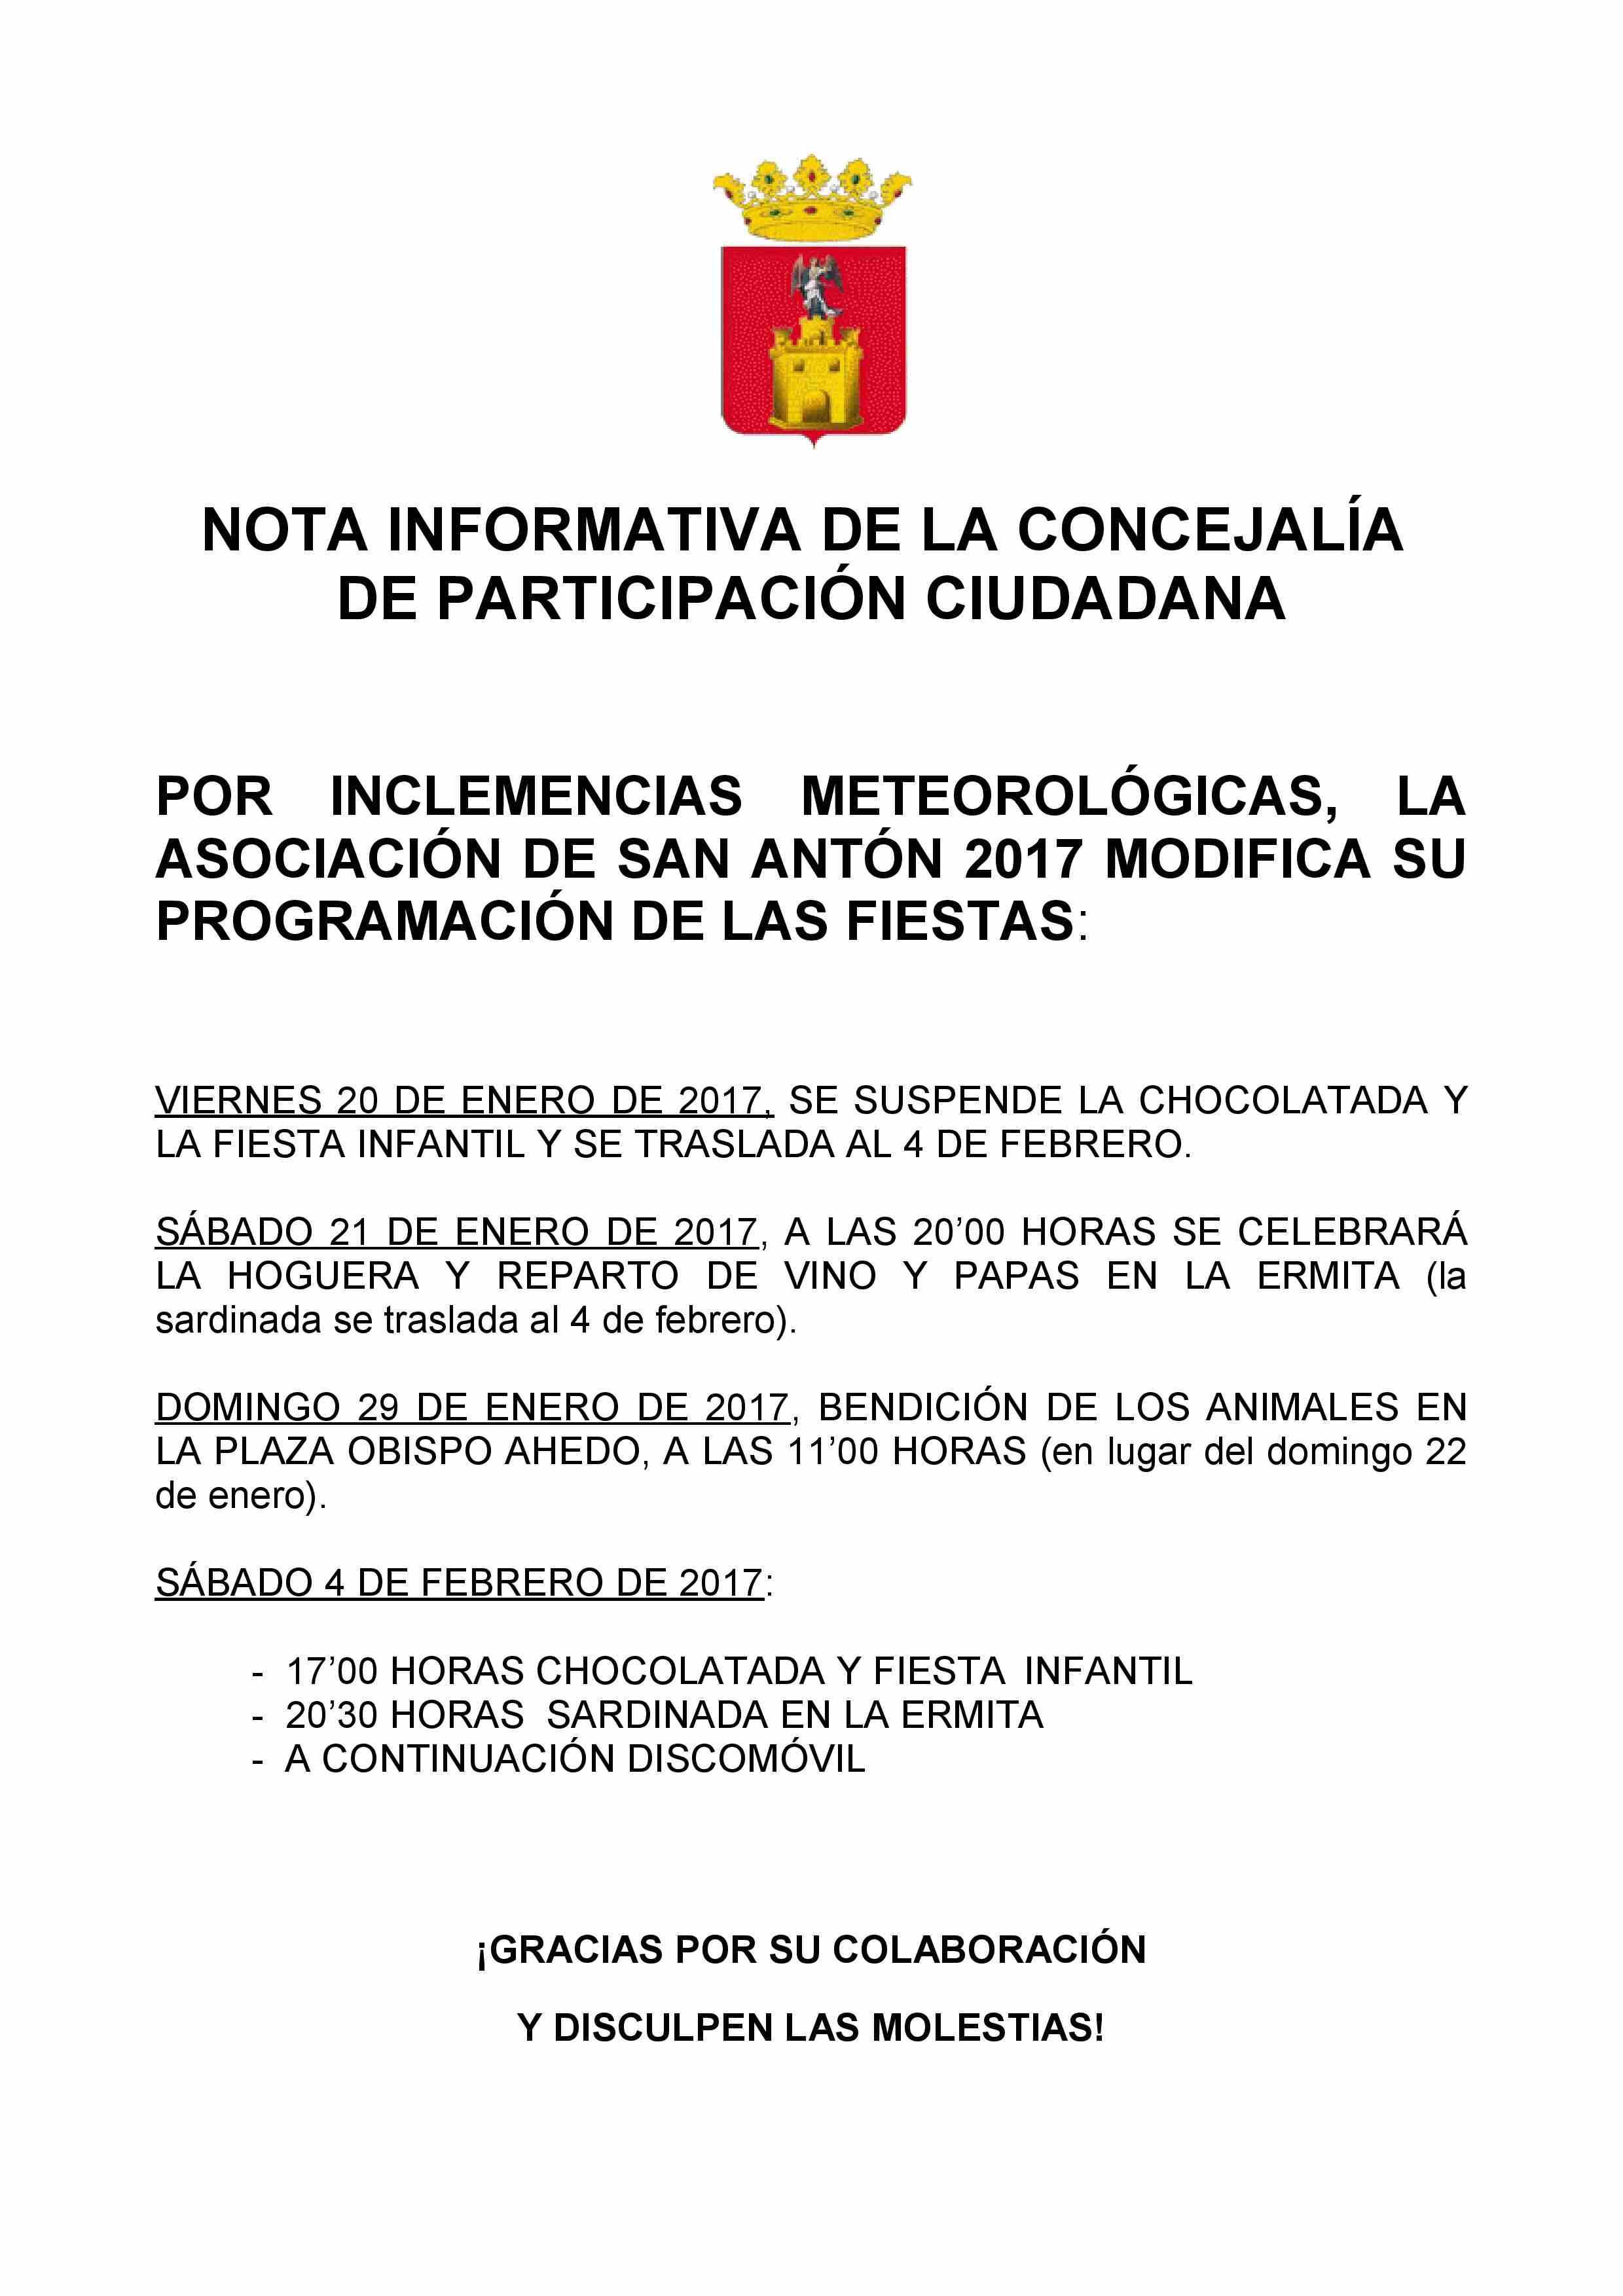 NOTA INFORMATIVA DE LA CONCEJALÍA PARTICIPACION CIUDADANA-page-001